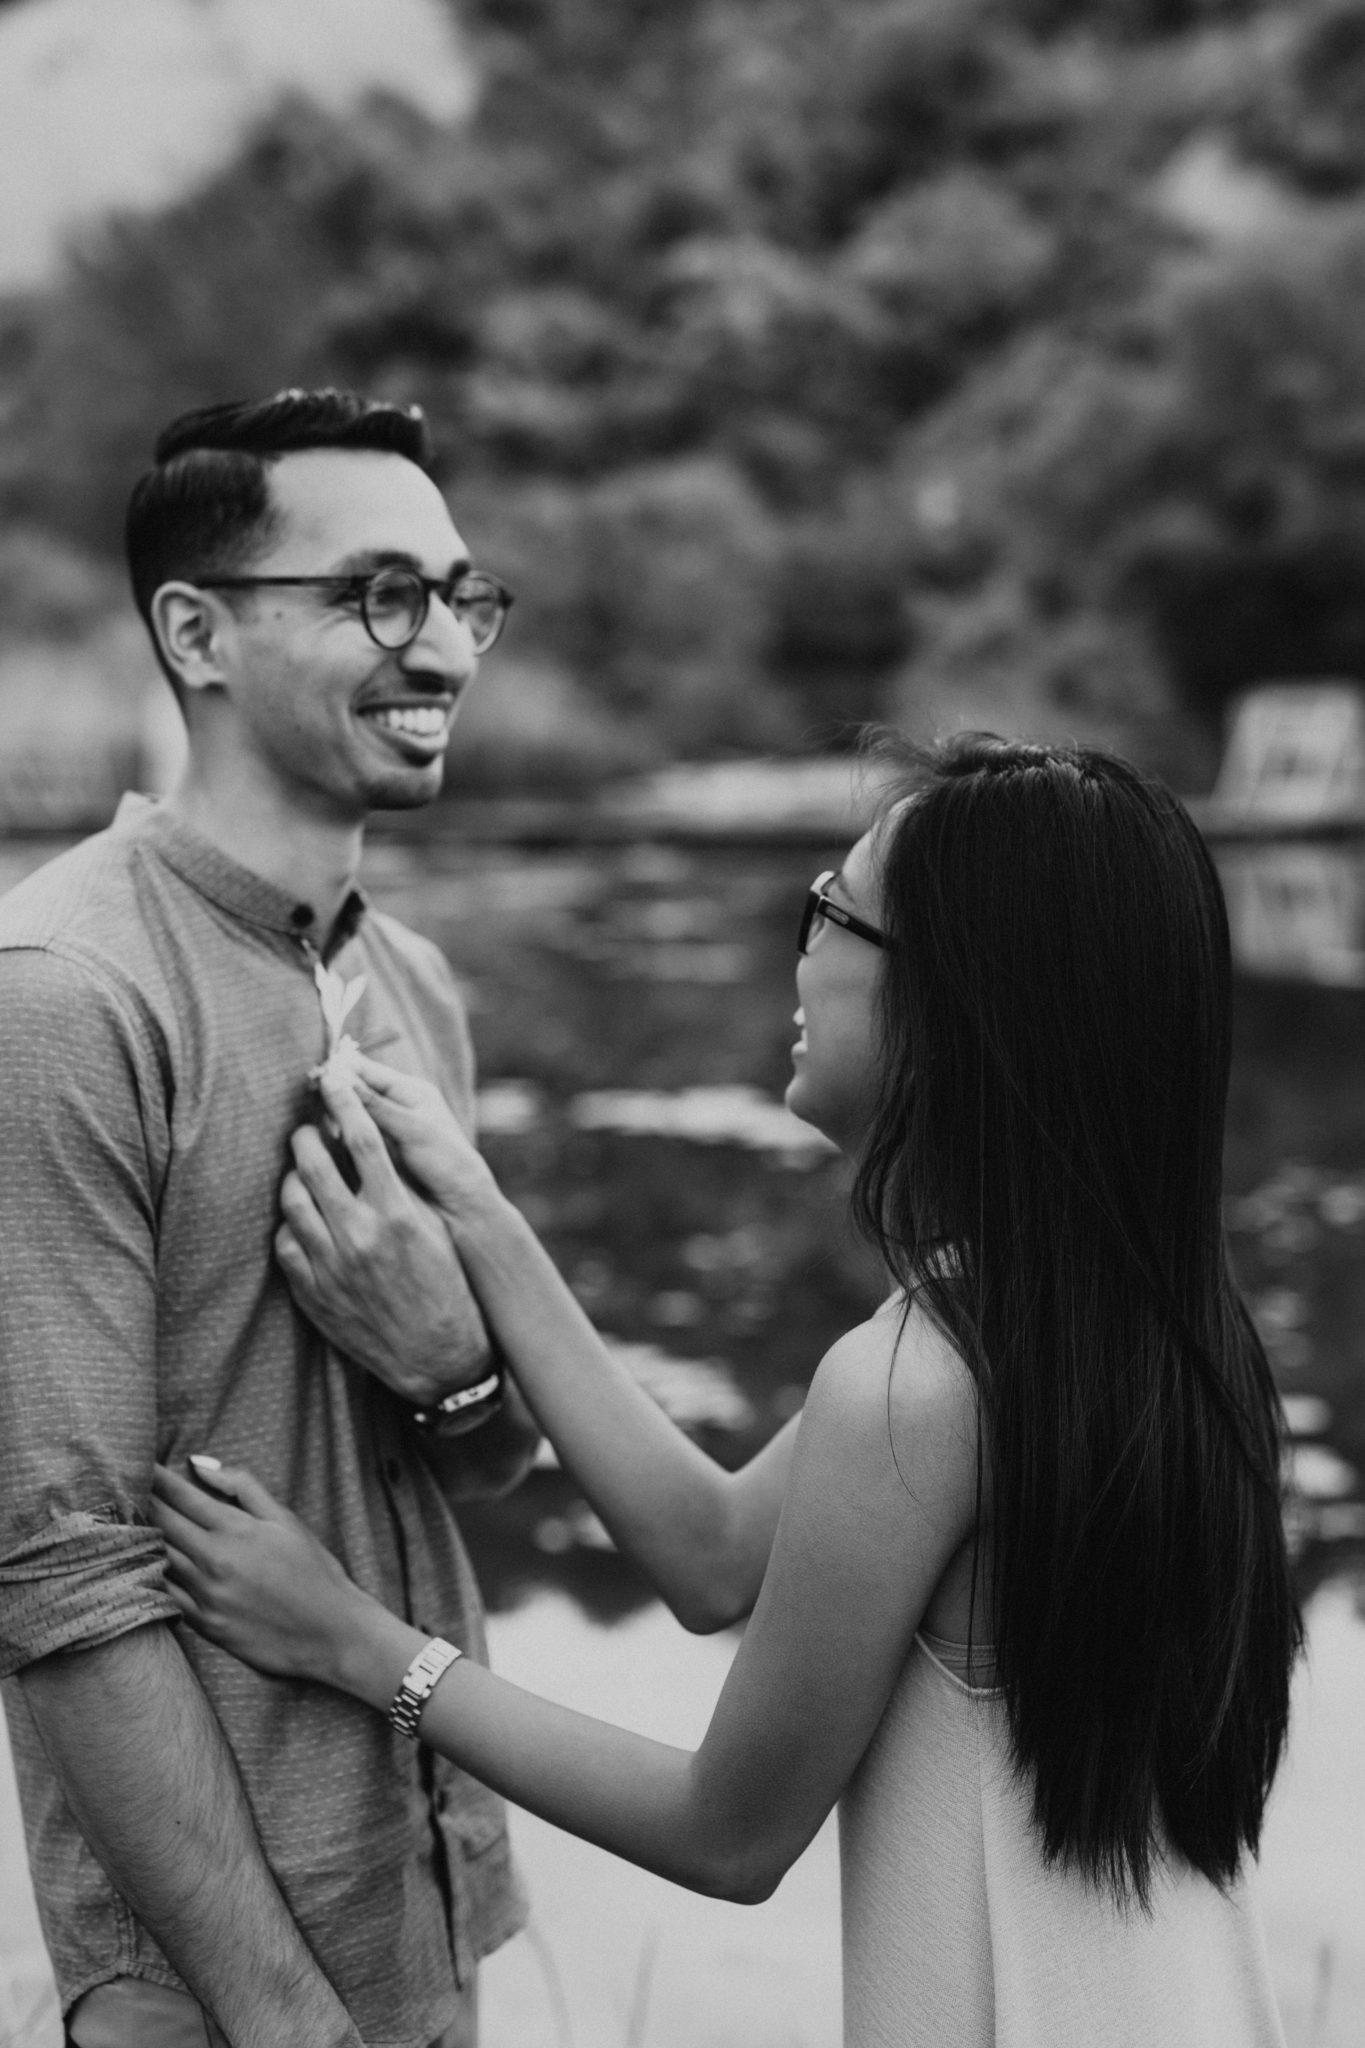 toronto engagement photoshoot